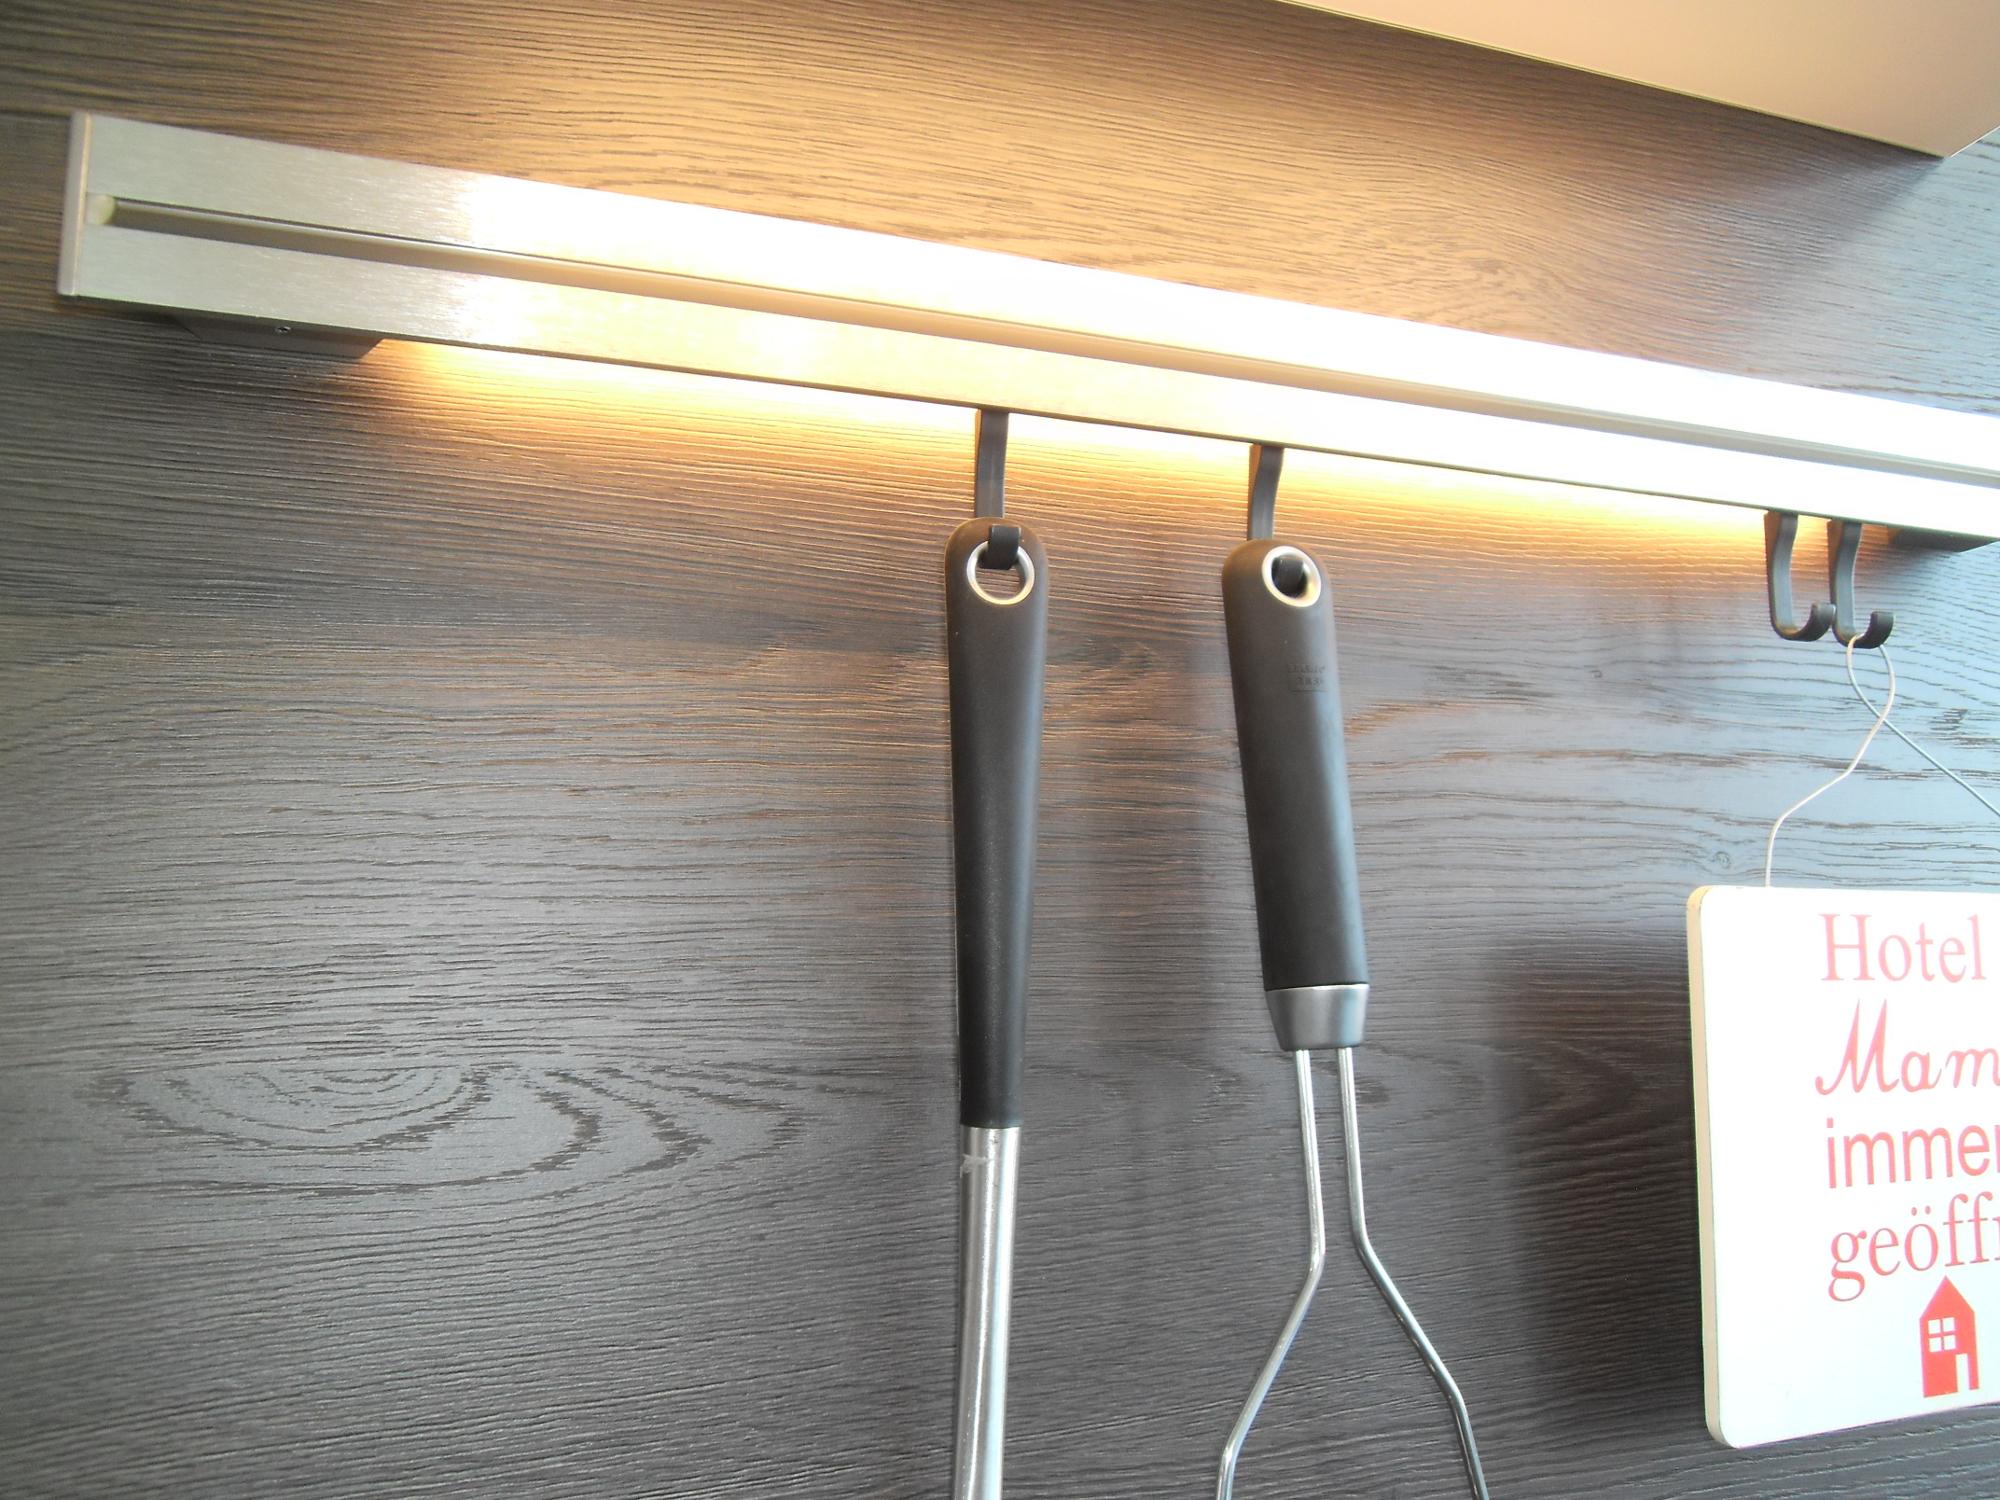 Reling für Küchenhelfer mit int. LED-Beleuchtung - Küche Life Style